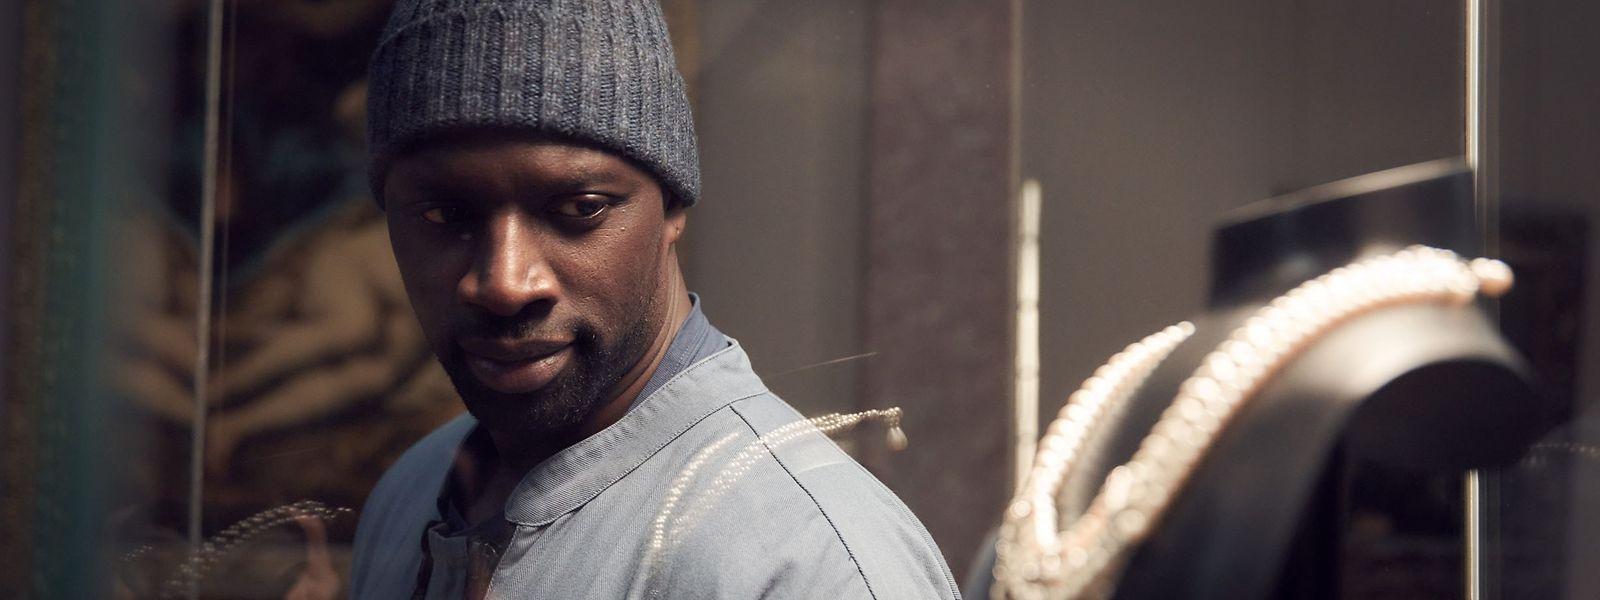 """Omar Sy – hier als Assane Diop in der Netflix-Serie """"Lupin"""" – ist auch in Hollywood gefragt. Er stand im vergangenen Jahr unter anderem für """"Dominion"""", den dritten Teil der """"Jurassic World""""-Reihe, vor der Kamera."""